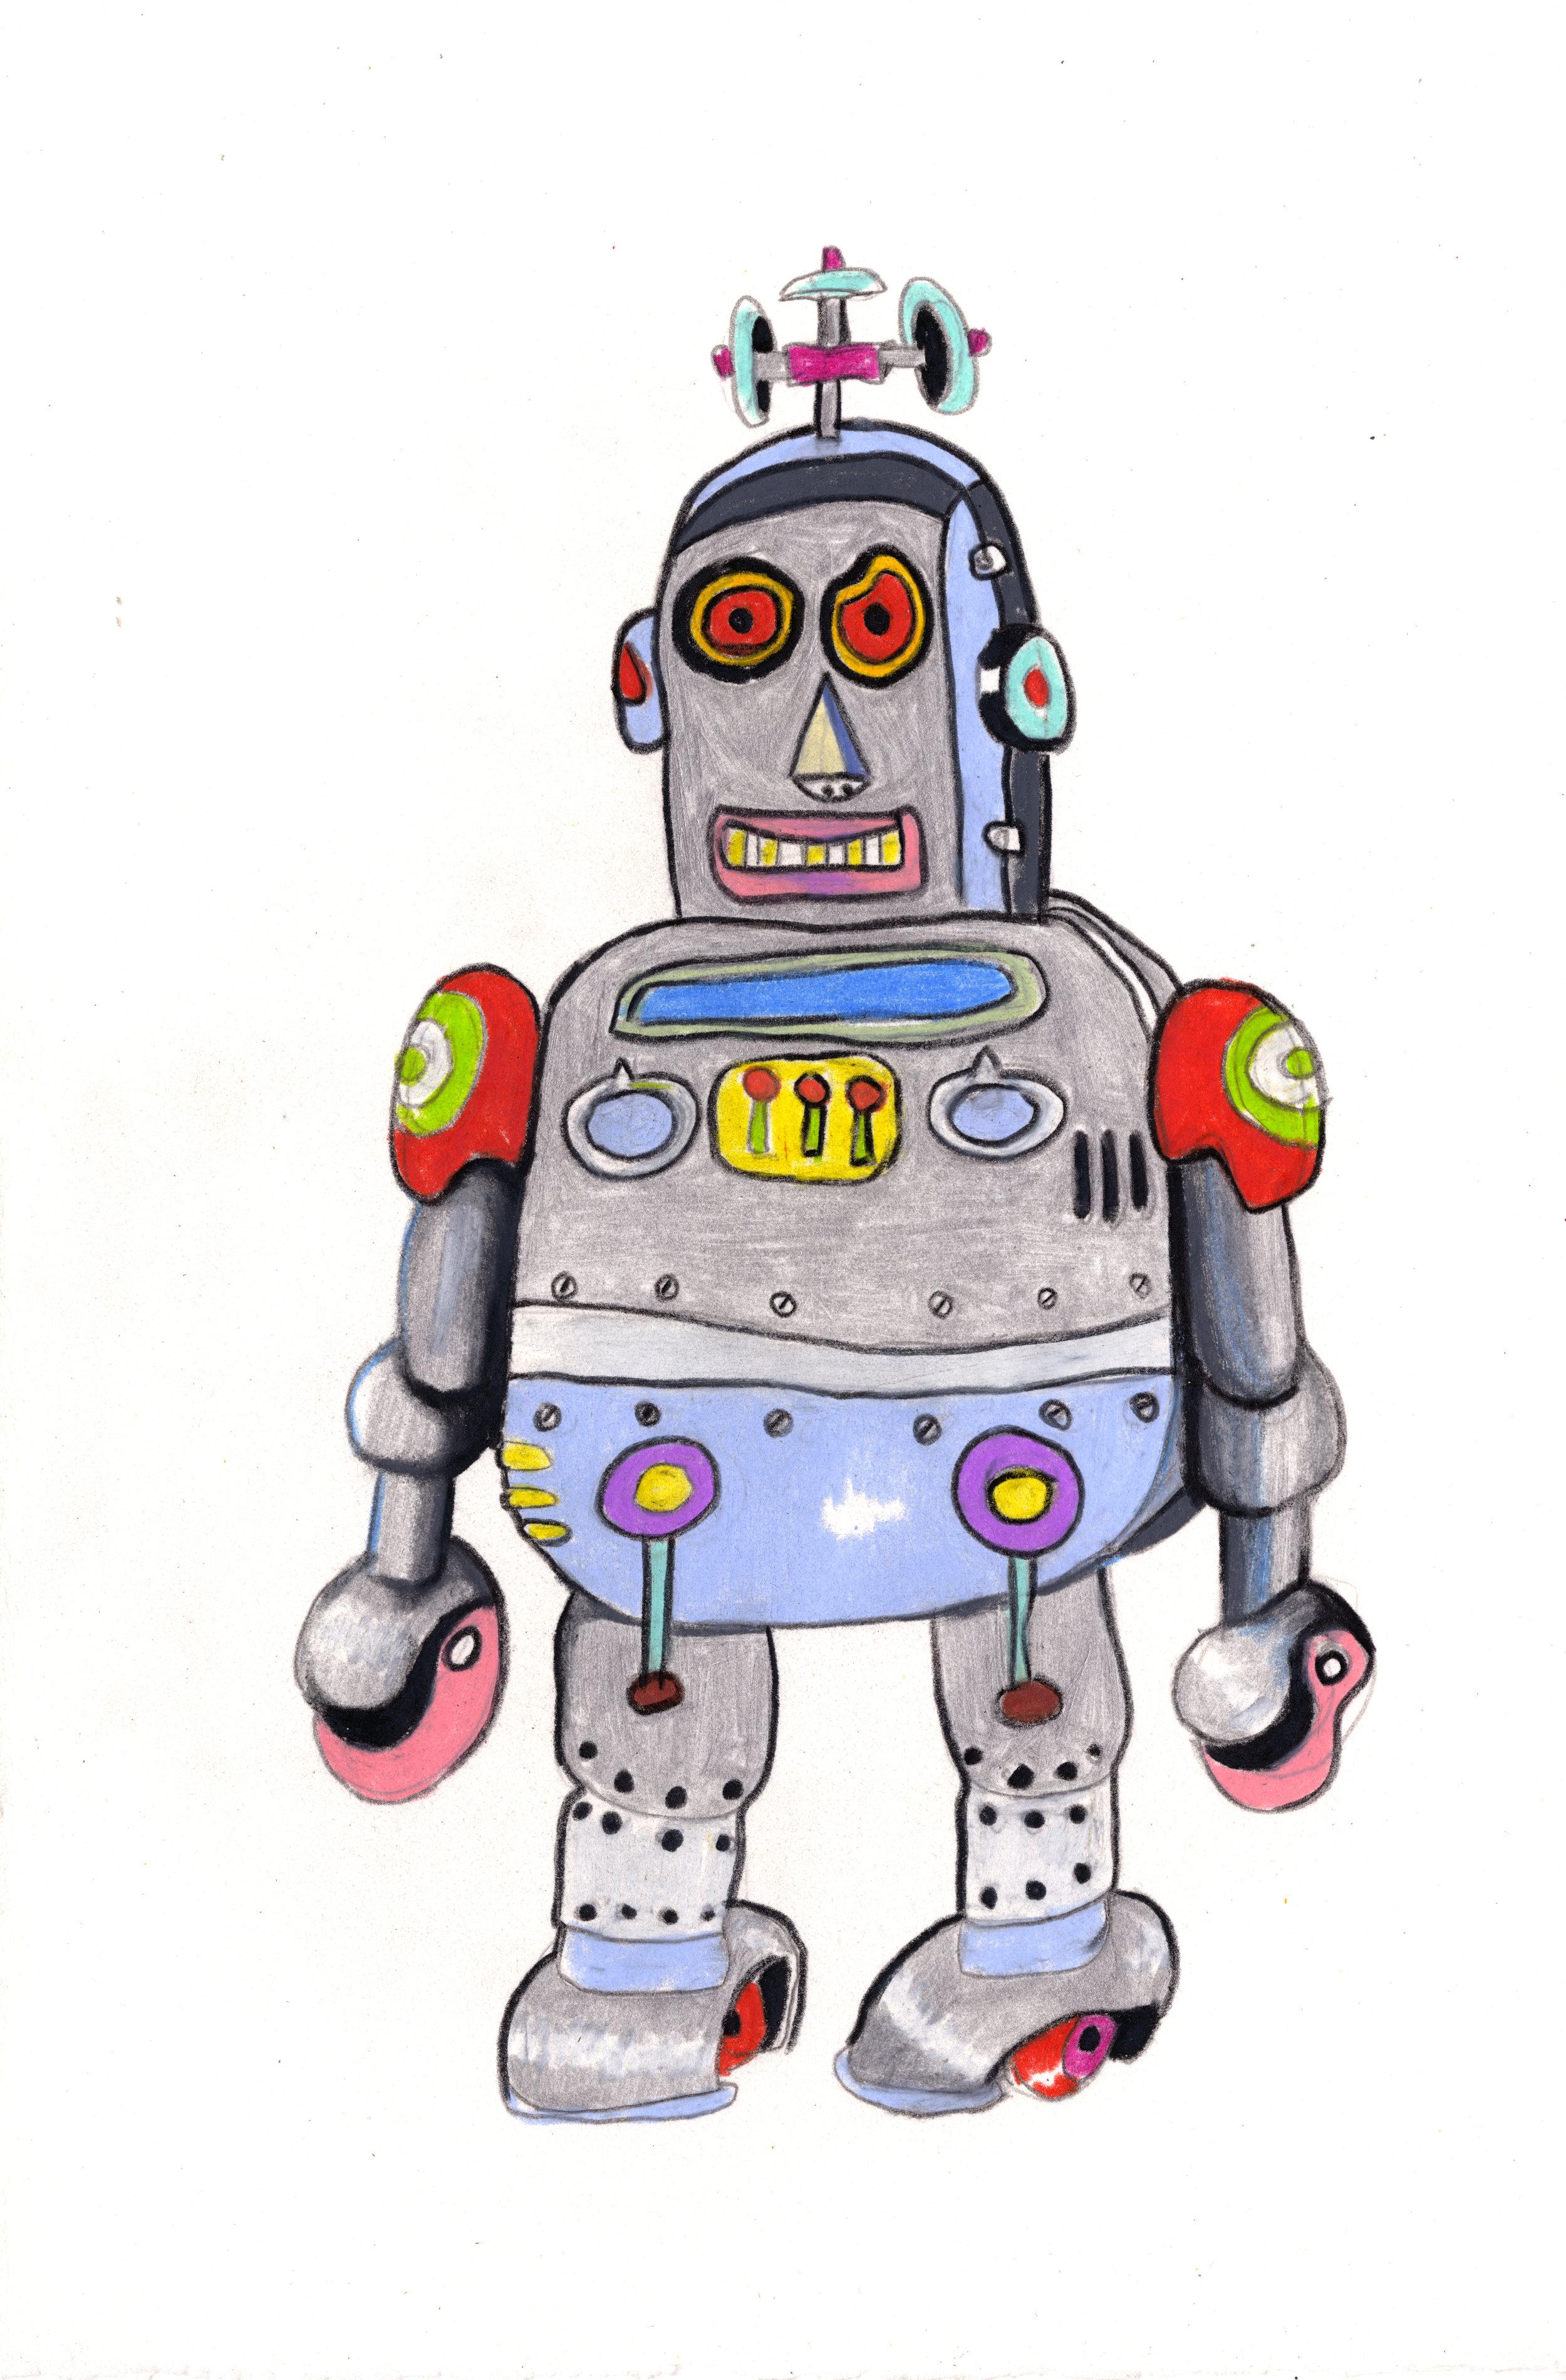 Robot 4.jpeg